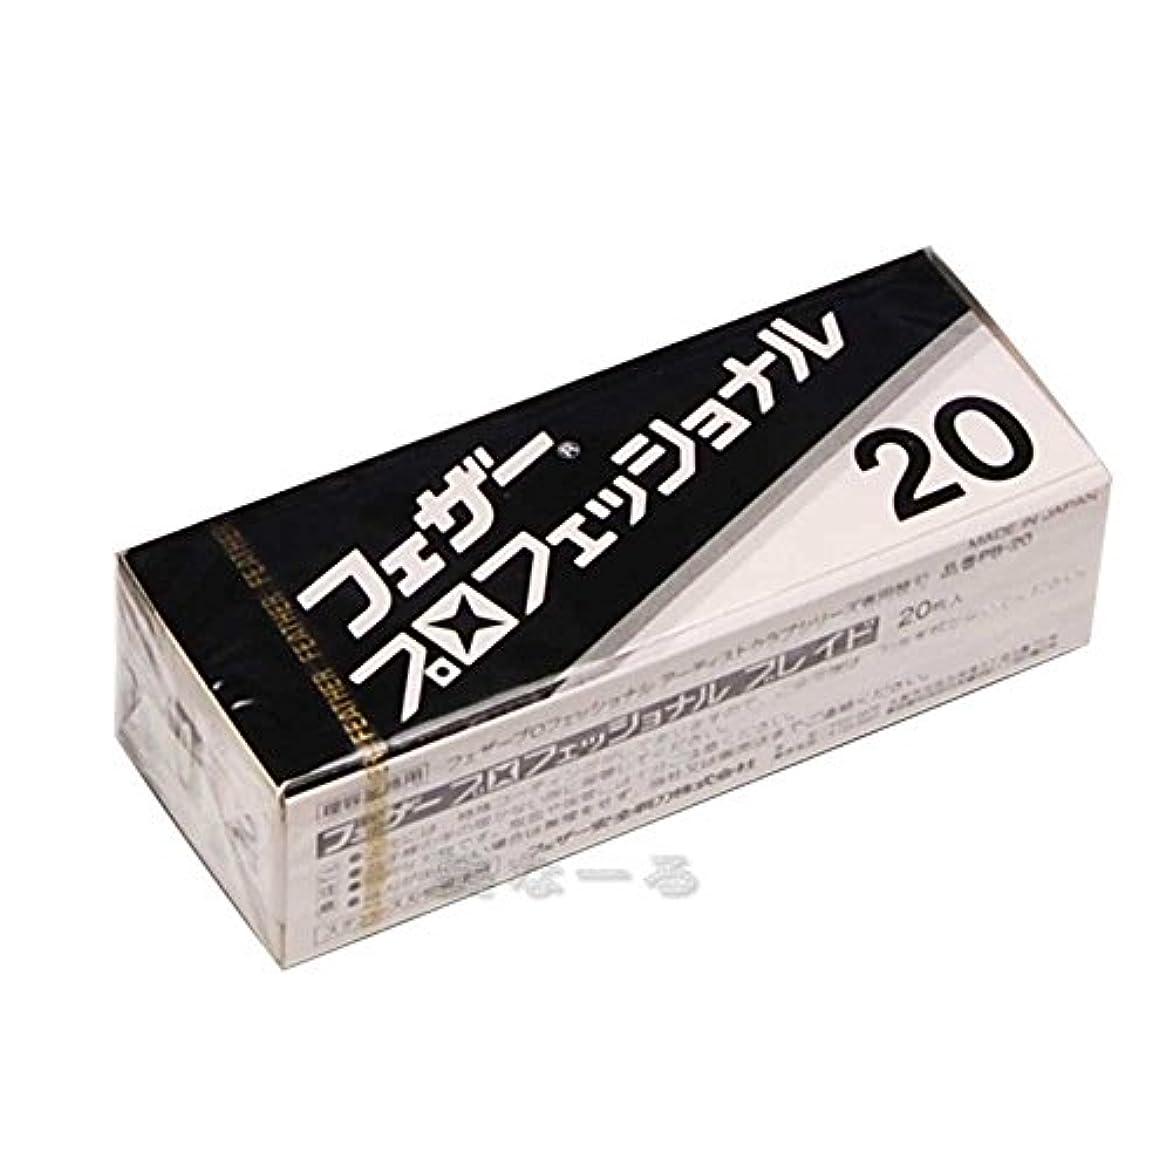 時刻表どうやらお世話になったフェザー プロフェッショナル ブレイド PB-20 替刃 20枚入